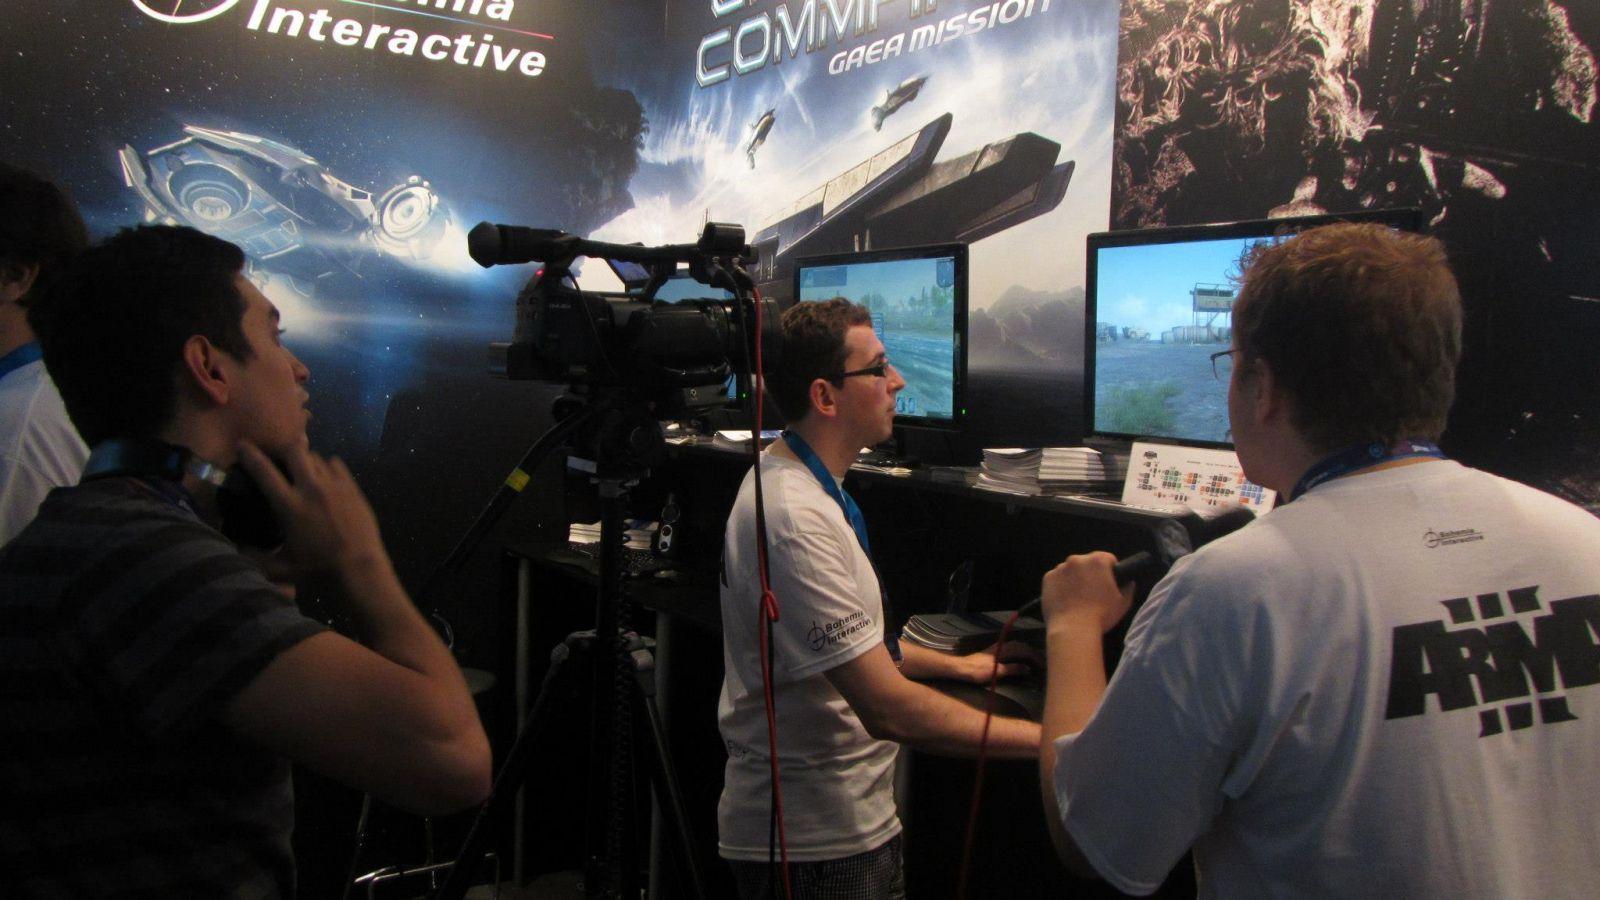 BI stend gamescom 2012 11